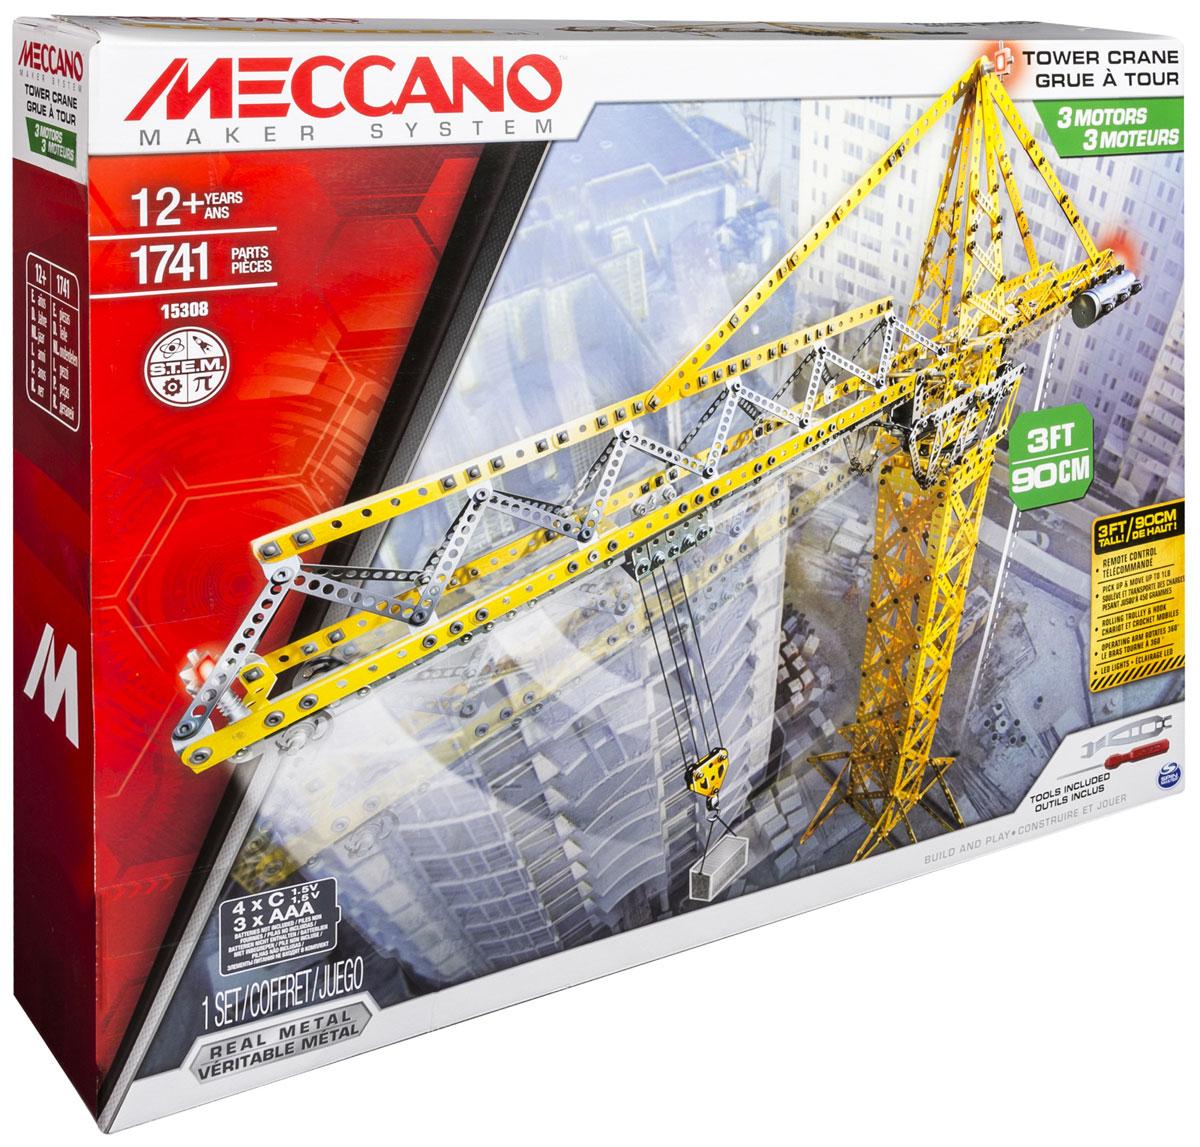 Meccano Конструктор Строительный кран91762Узнайте, как высоко может взобраться ваше воображение, когда вы соедините мир реального инженерного искусства с мощным подъемным краном! Конструктор Meccano Строительный кран с тремя моторами для поднятия грузов, углом поворота на 360 градусов и светодиодными лампами - это то, что вас непременно удивит. К стреле крана прикреплена тележка с колесиками, в которой можно поднимать объекты весом до 450 грамм. Созданный для самых страстных коллекционеров, данный набор включает в себя 1741 деталь, 2 настоящих инструмента и пошаговые инструкции. Опираясь на работу настоящего крана, управляйте данной моделью Строительного крана с помощью пульта дистанционного управления. Исследуйте чудеса механики этого мира, вдохнув жизнь в игрушку конструктор Meccano Строительный кран. Для работы требуются 4 батарейки типа C (не входят в комплект), для работы пульта управления требуются 3 батарейки типа ААА (не входят в комплект).